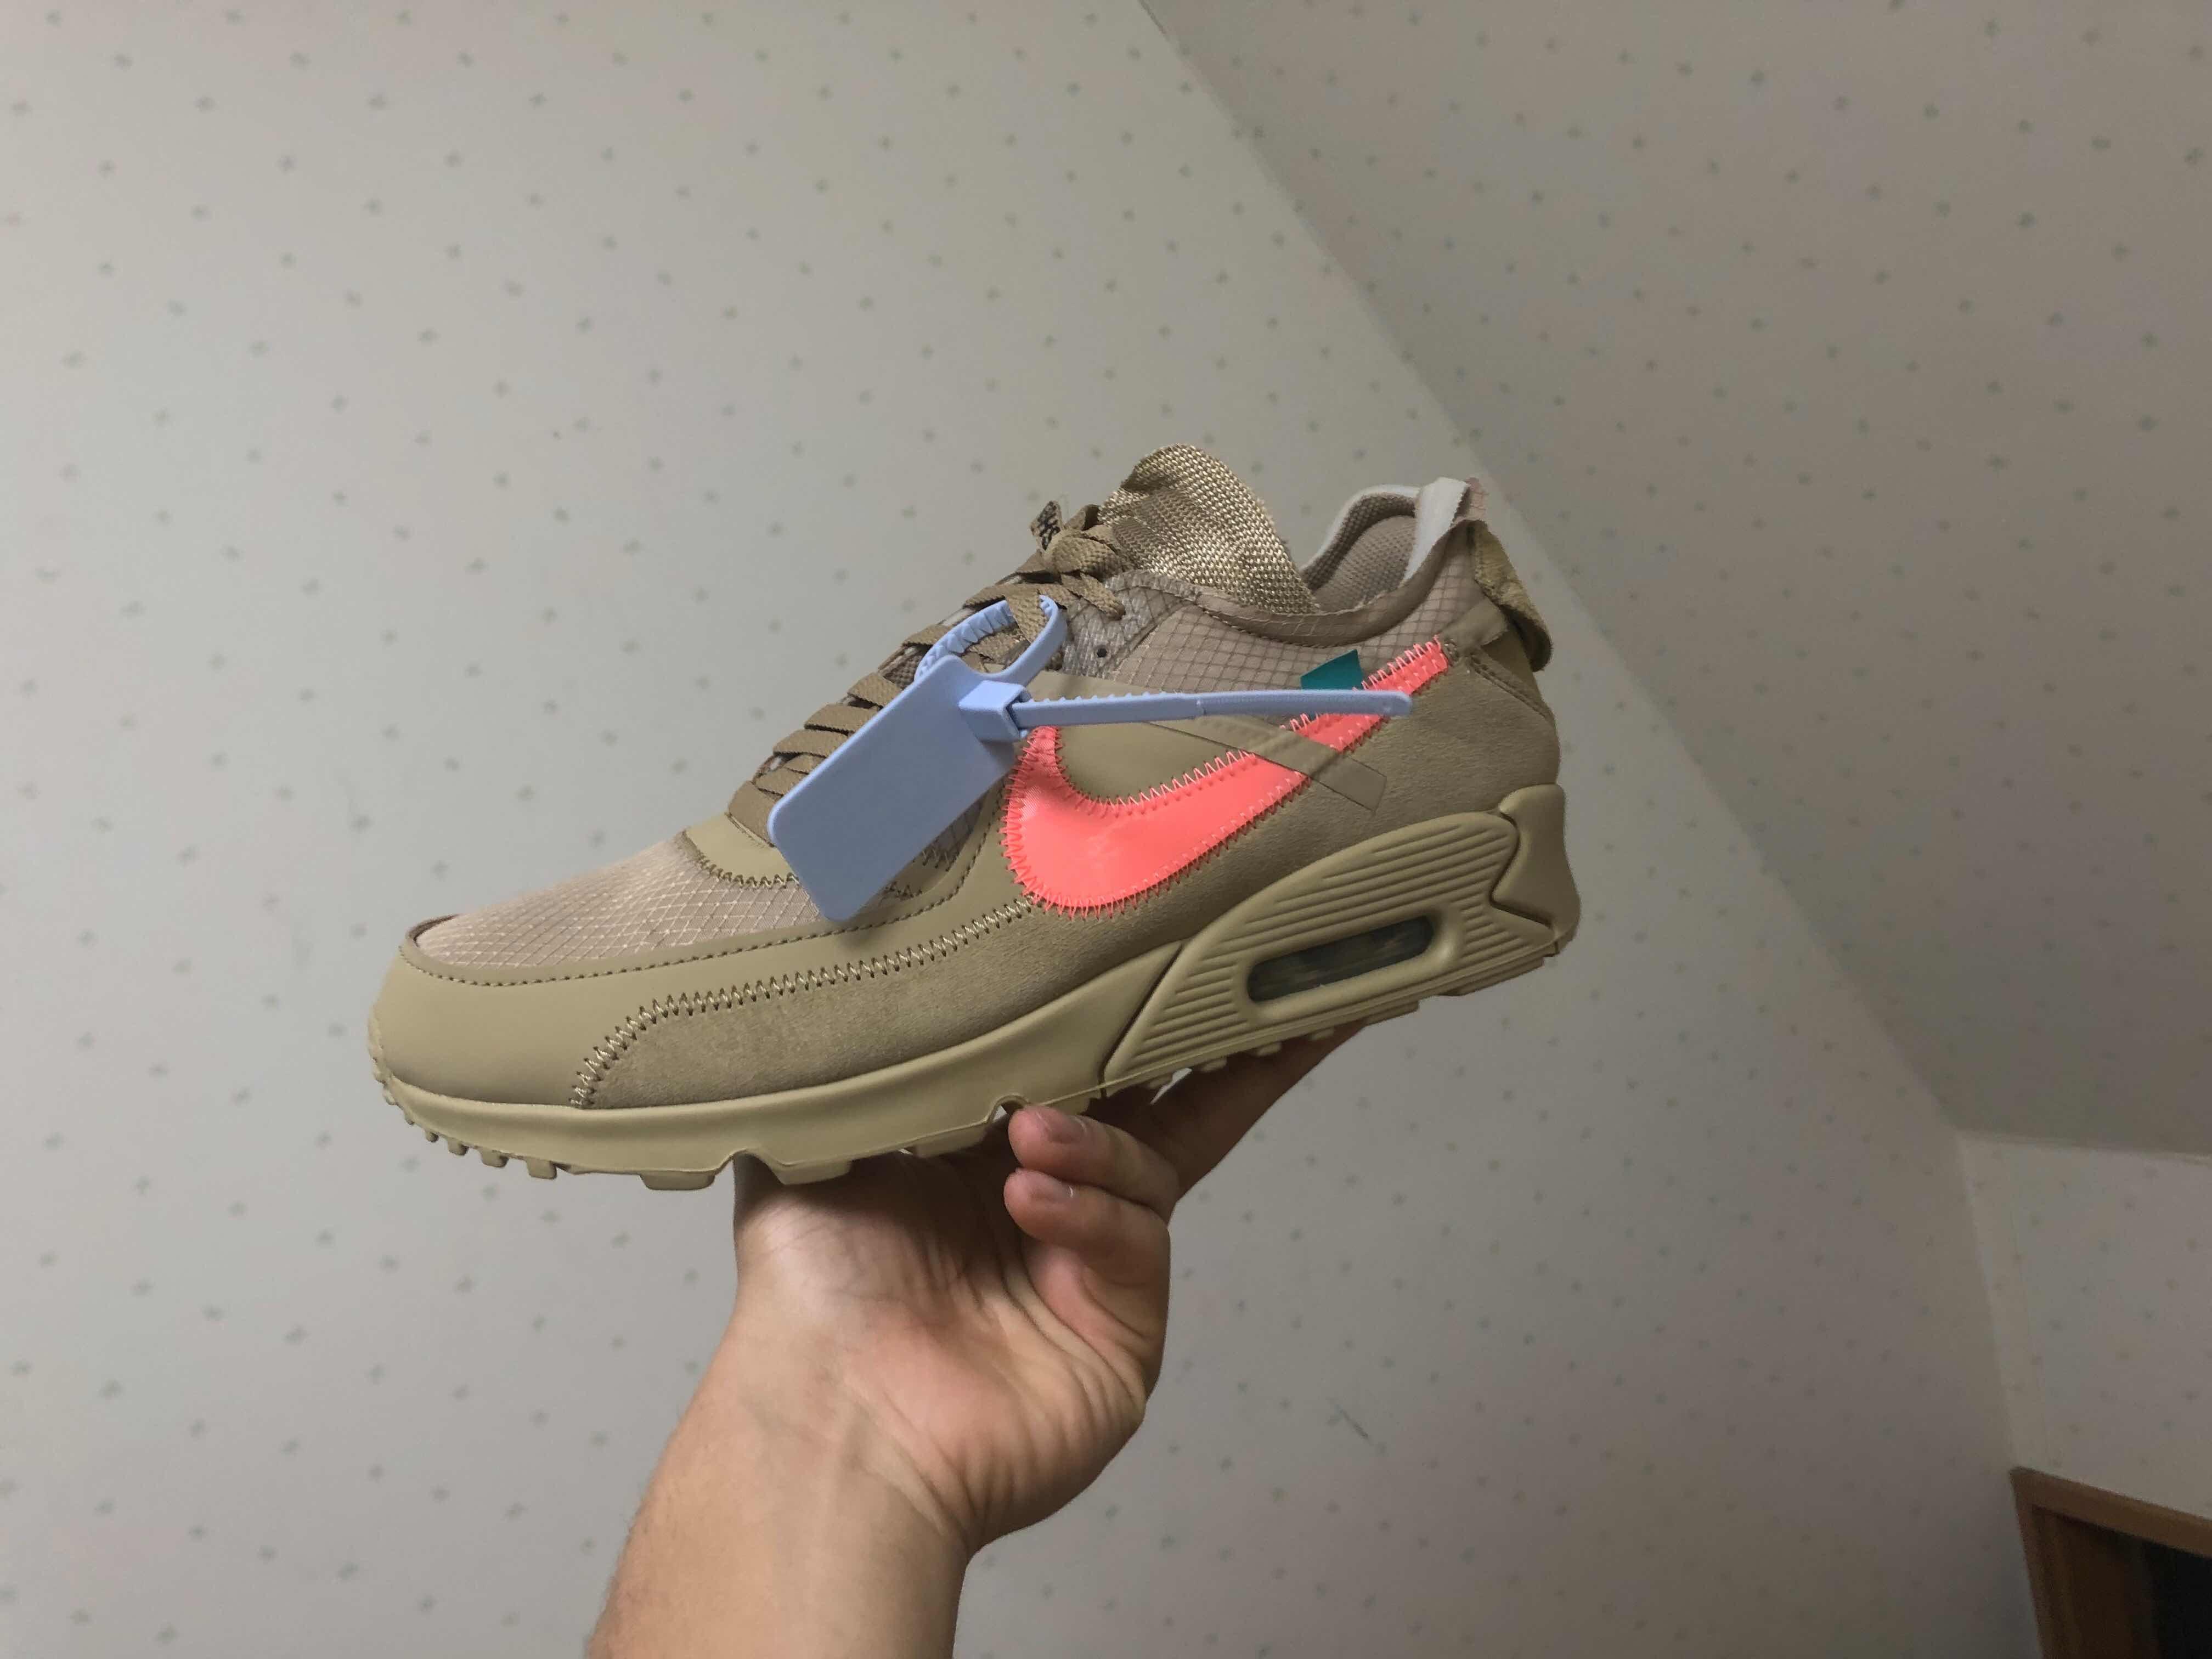 先日ゲットした靴だ!!!#nike #初投稿 #スニーカー好